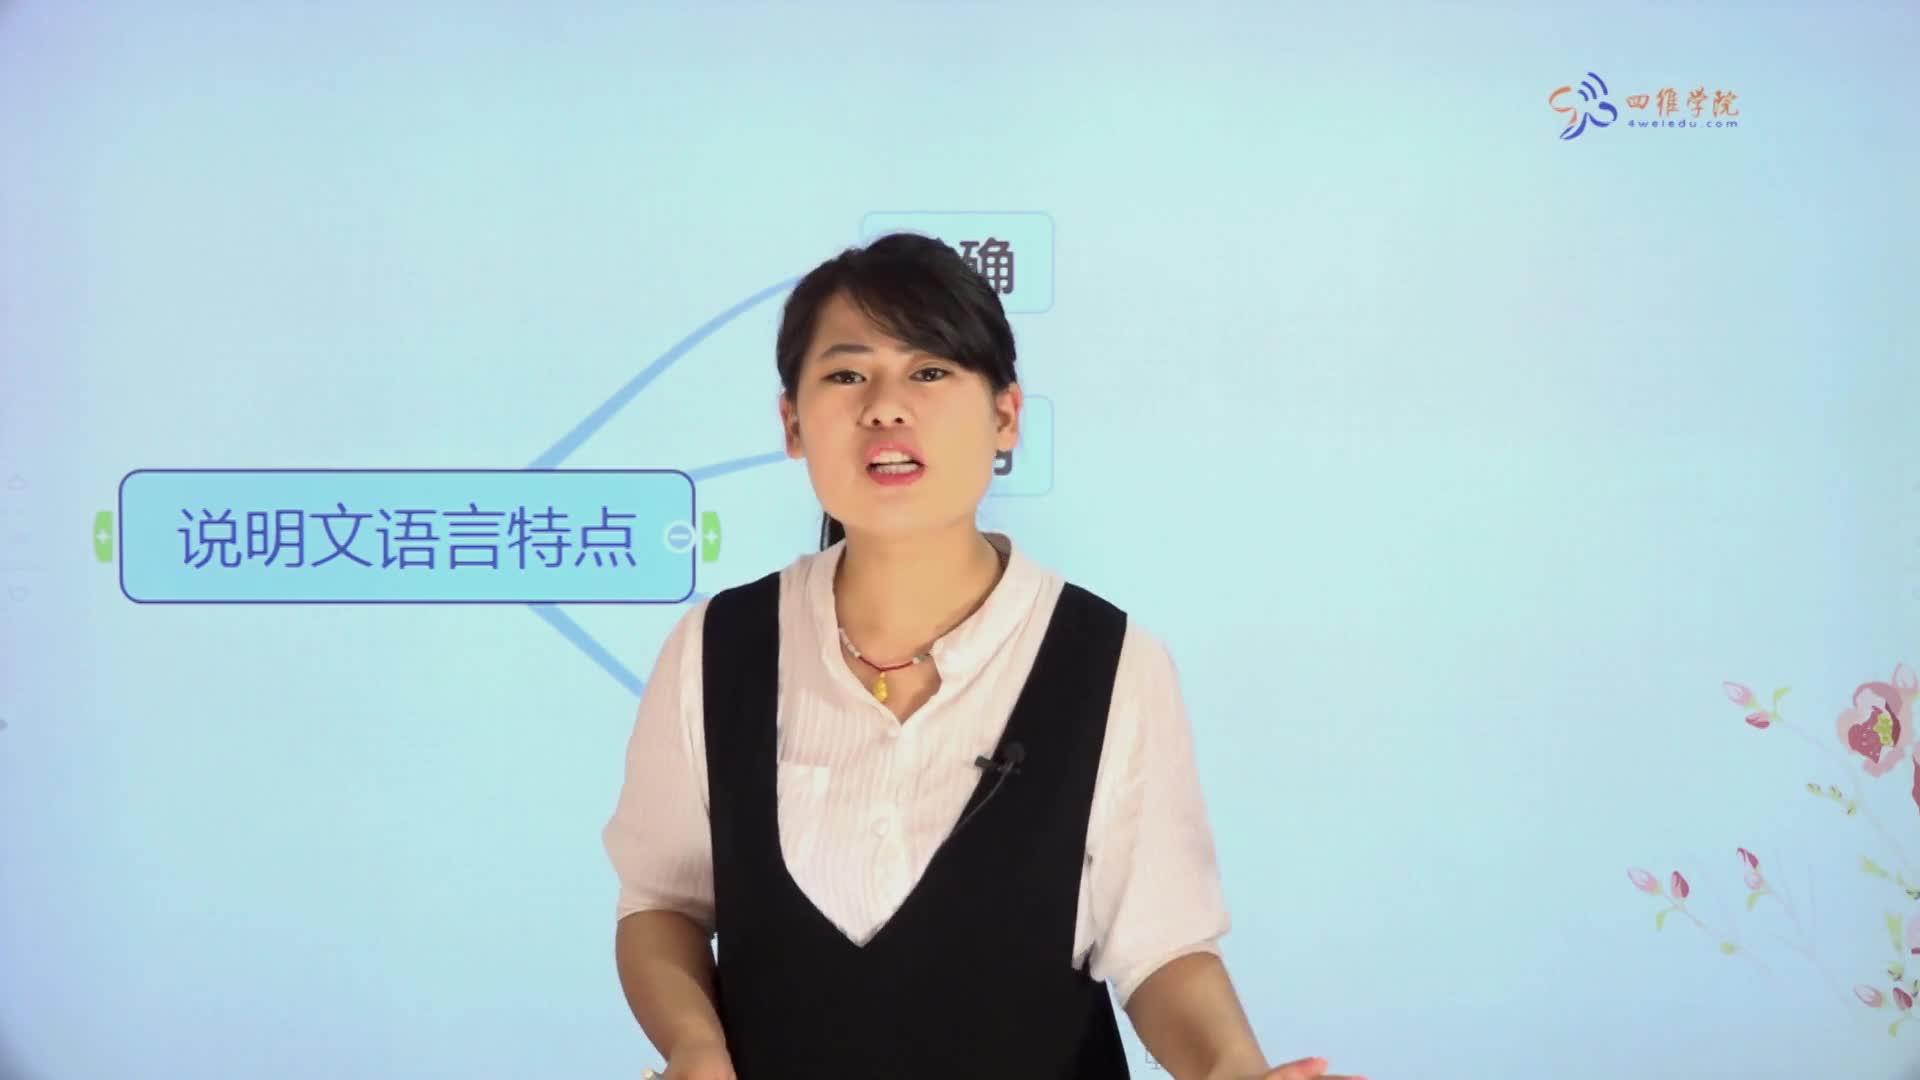 【微加】新初一語文銜接課微課 19 說明文語言的準確性、生動性